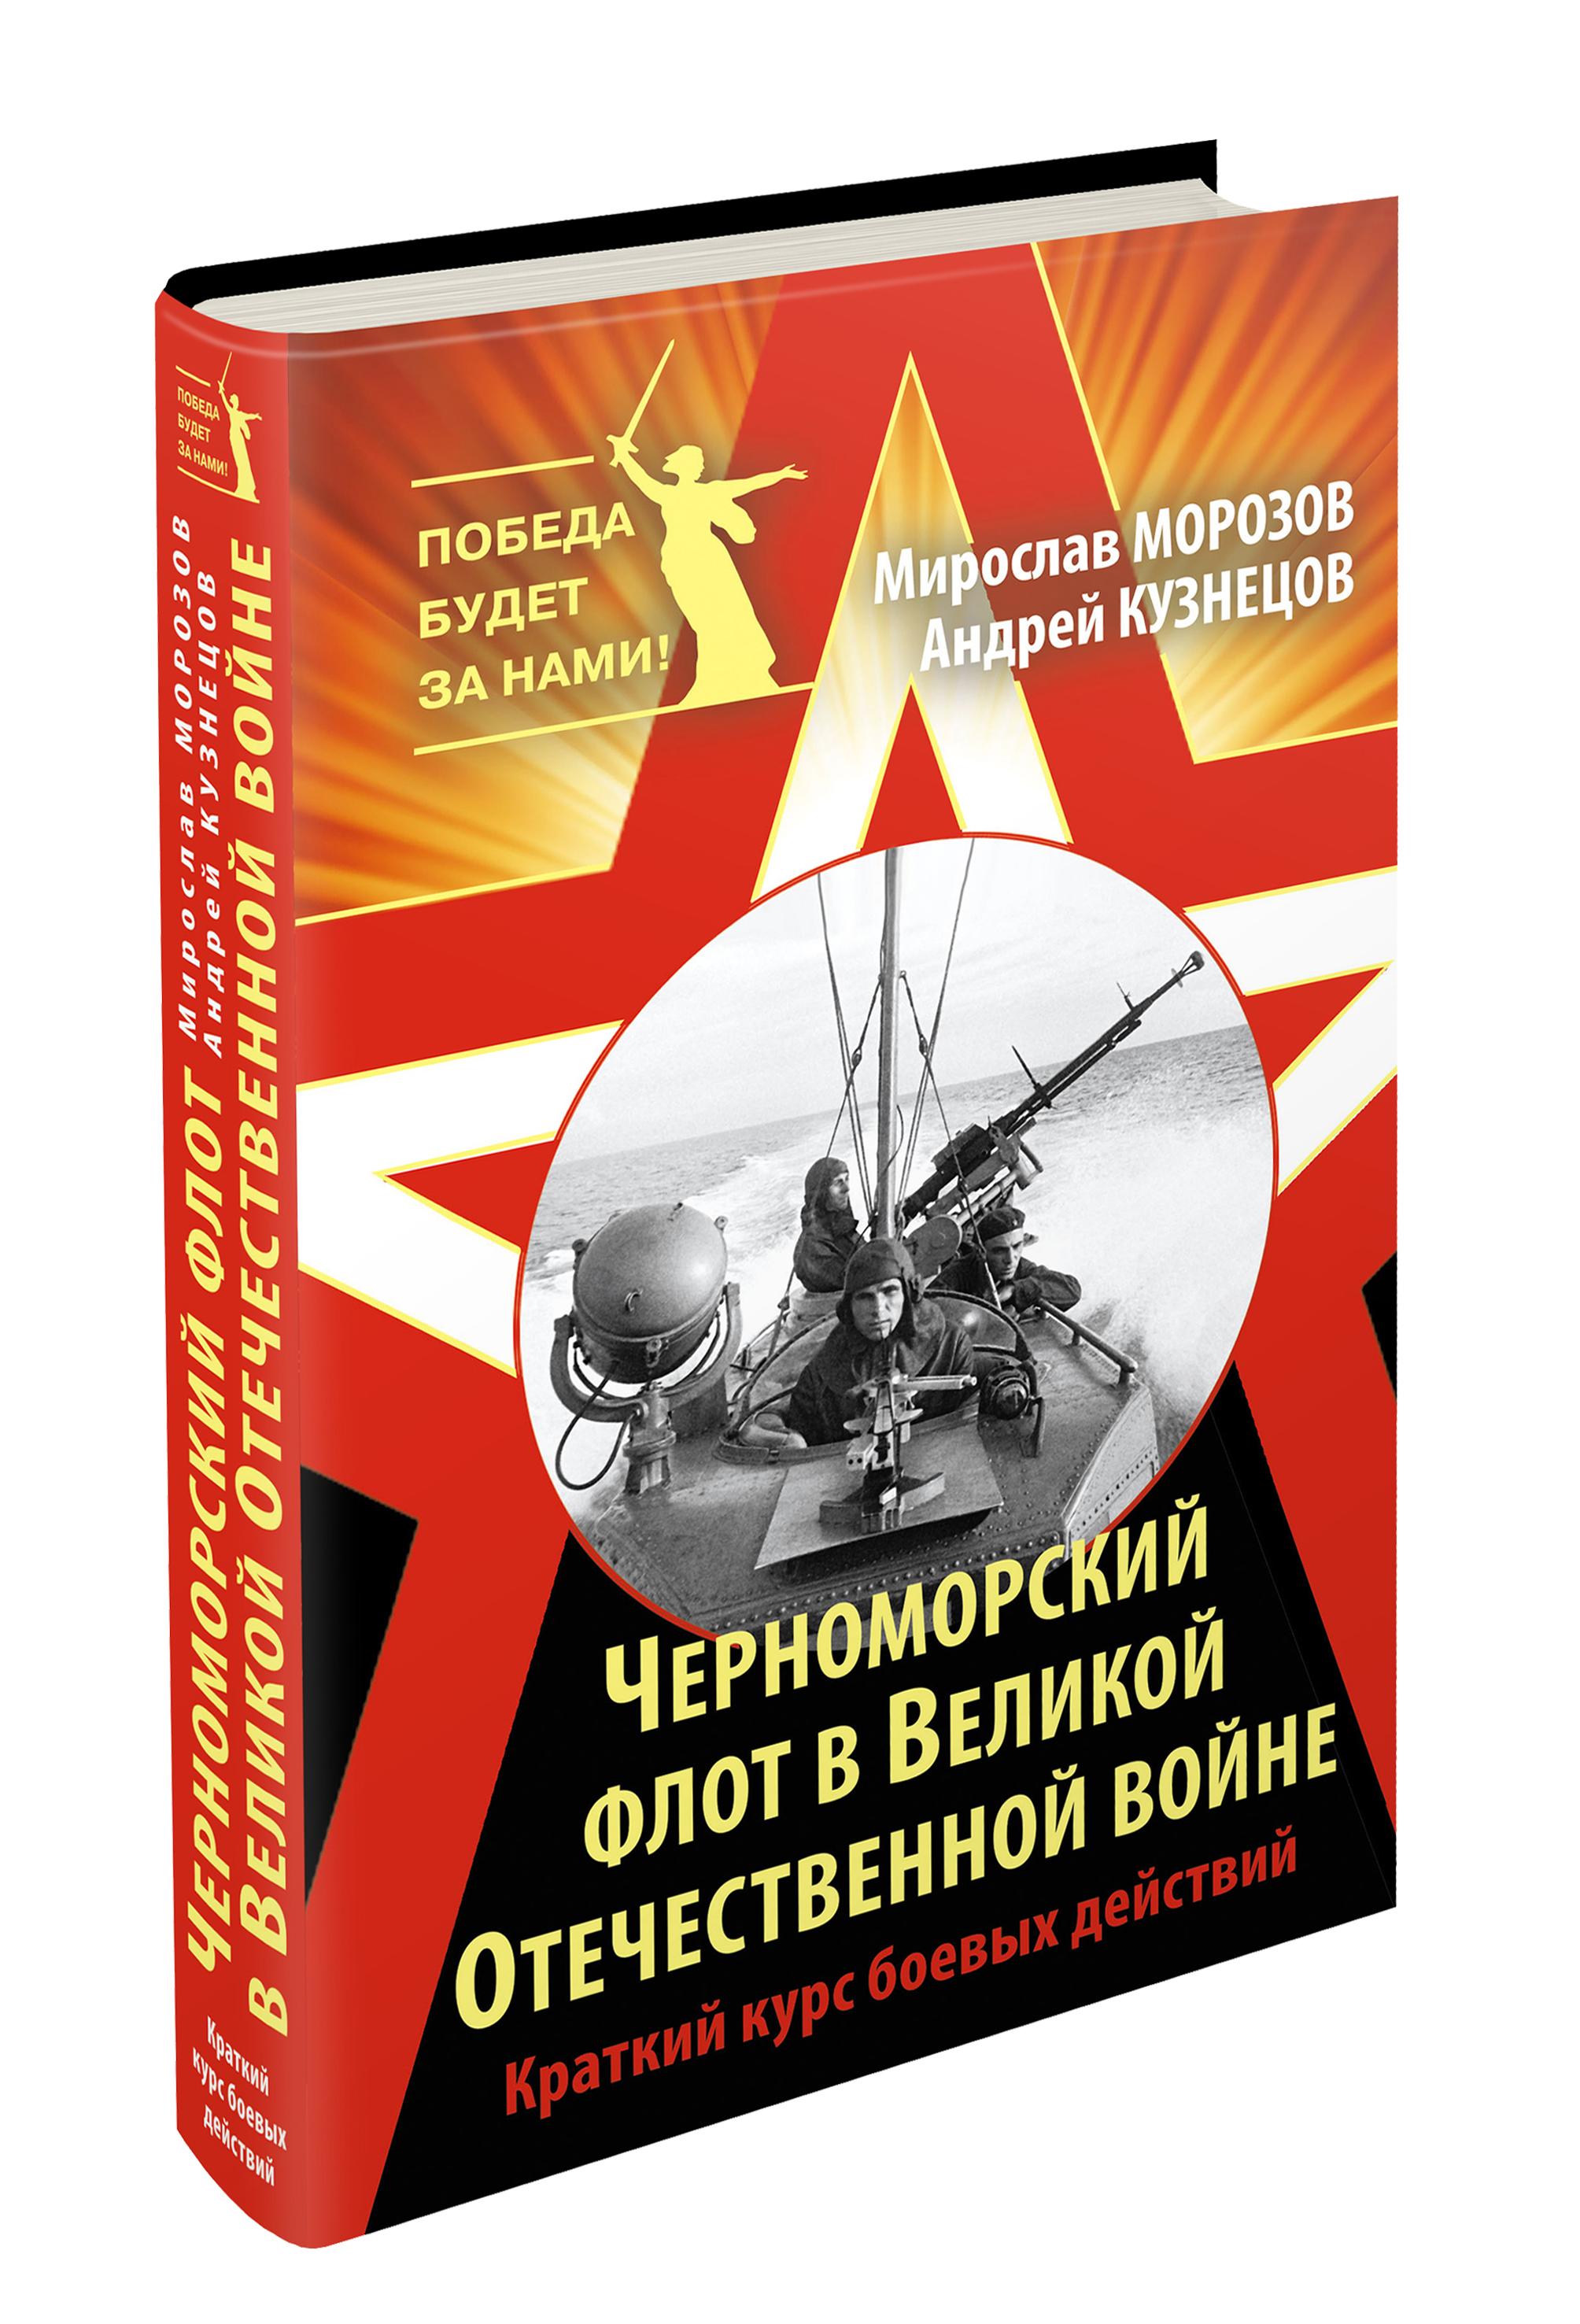 Черноморский флот в Великой Отечественной войне. Краткий курс боевых действий